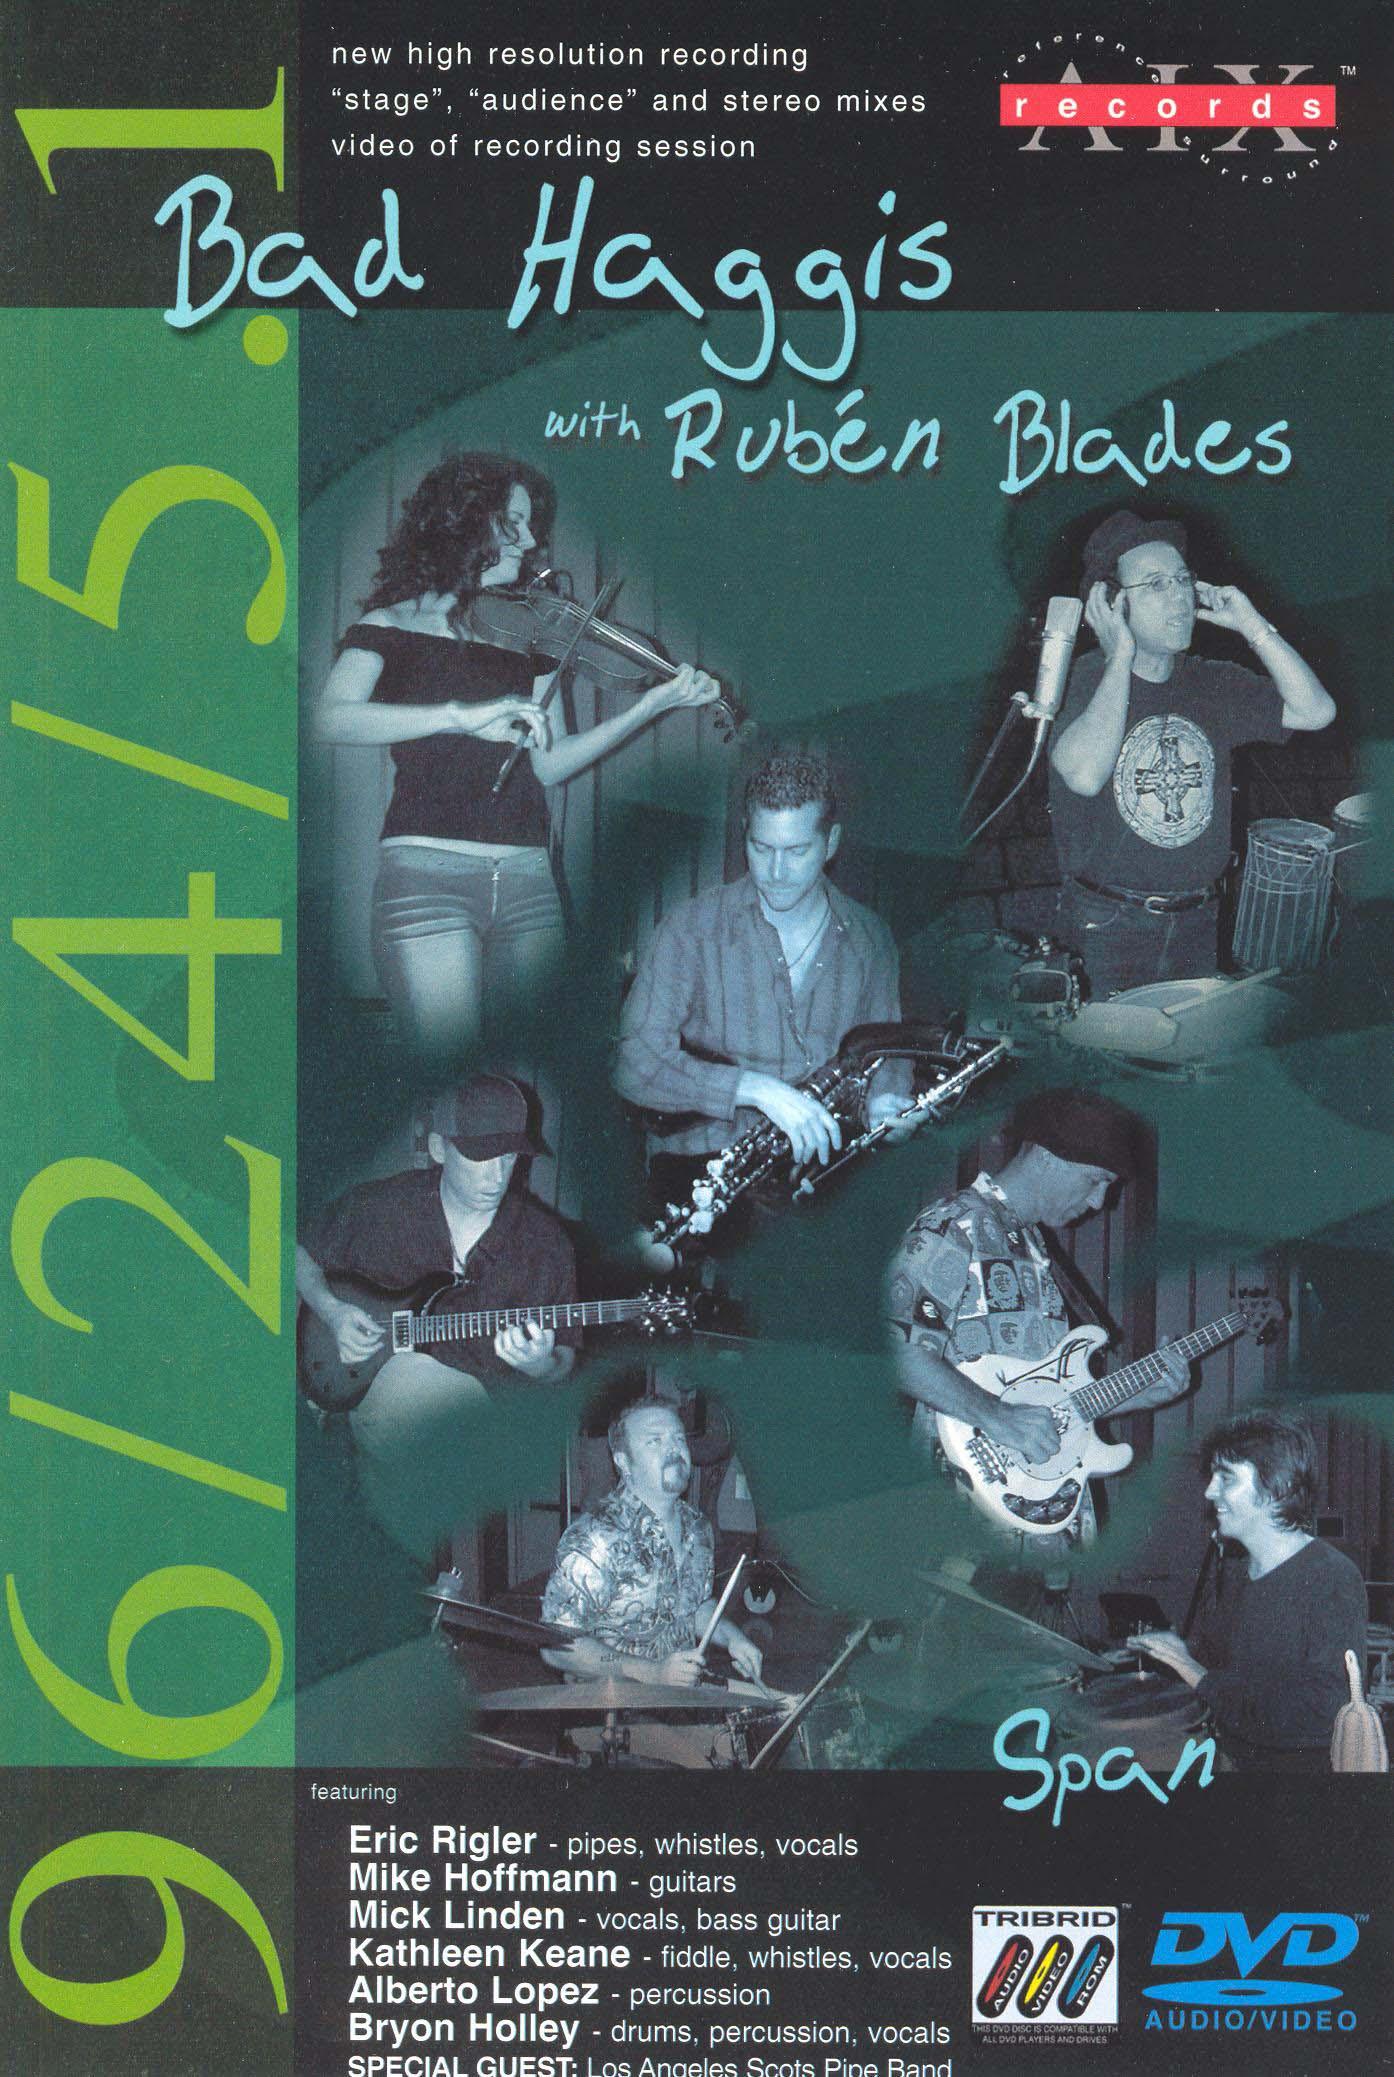 Bad Haggis with Ruben Blades: Span